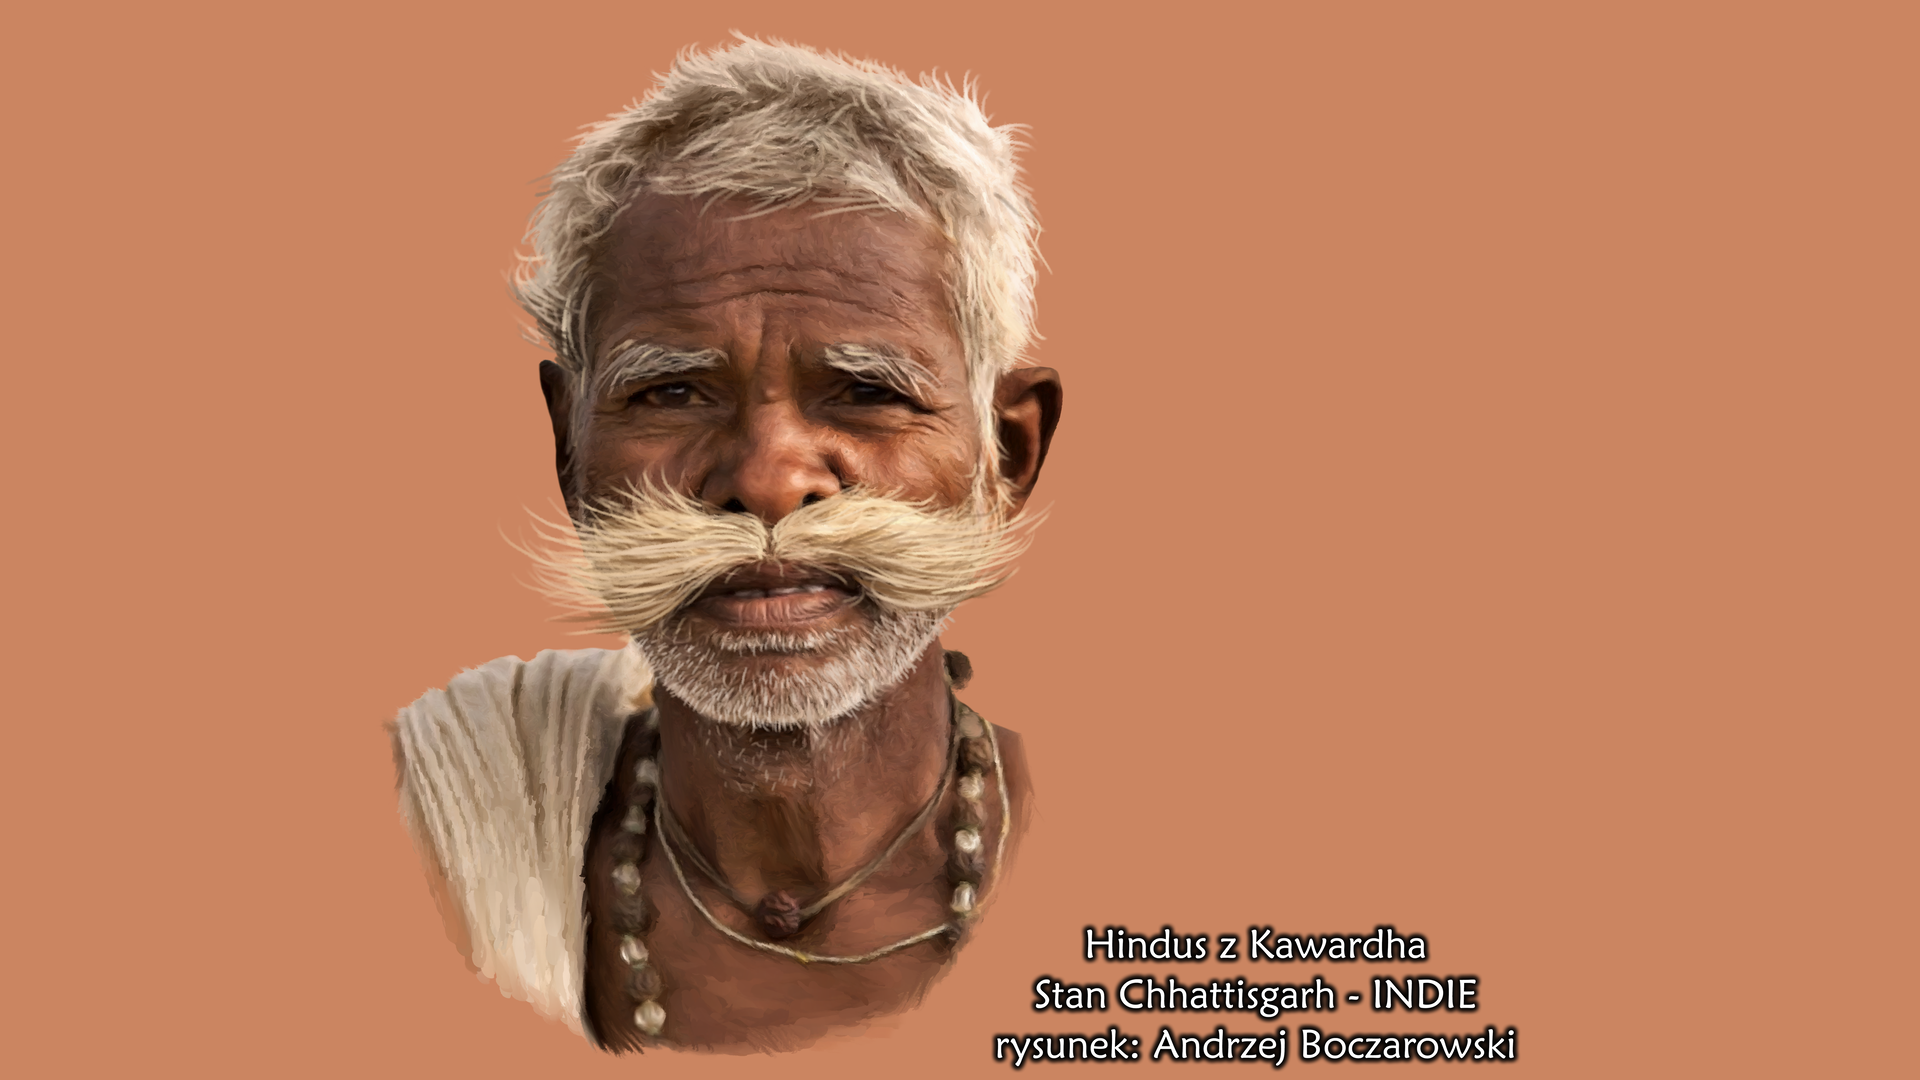 Rysunek drugi, to popiersie śniadego hinduskiego mężczyzny. Jest to starszy mężczyzna ciemnej karnacji zwysokim czołem, szerokim nosem, białymi krótkimi włosami oraz dużymi, rosnącymi na boki białymi wąsami oraz niewielkim białym zrostem na brodzie.